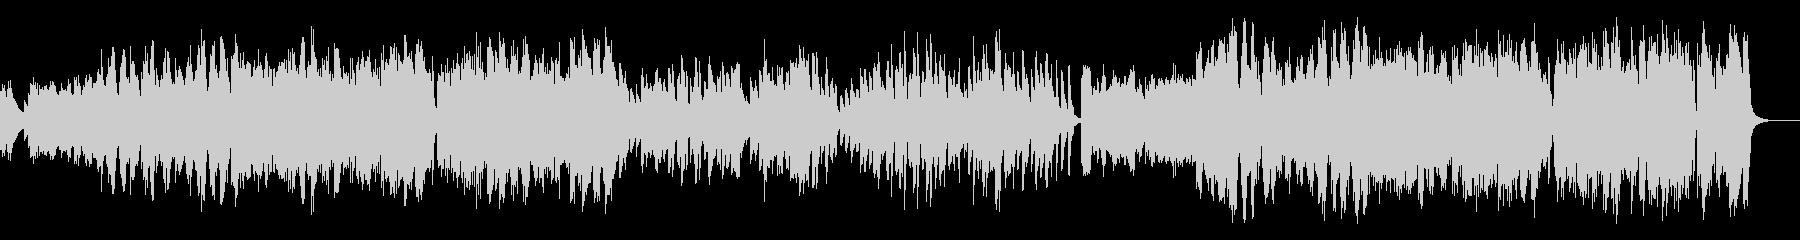 ショパン ピアノ曲 子犬のワルツ・高音質の未再生の波形